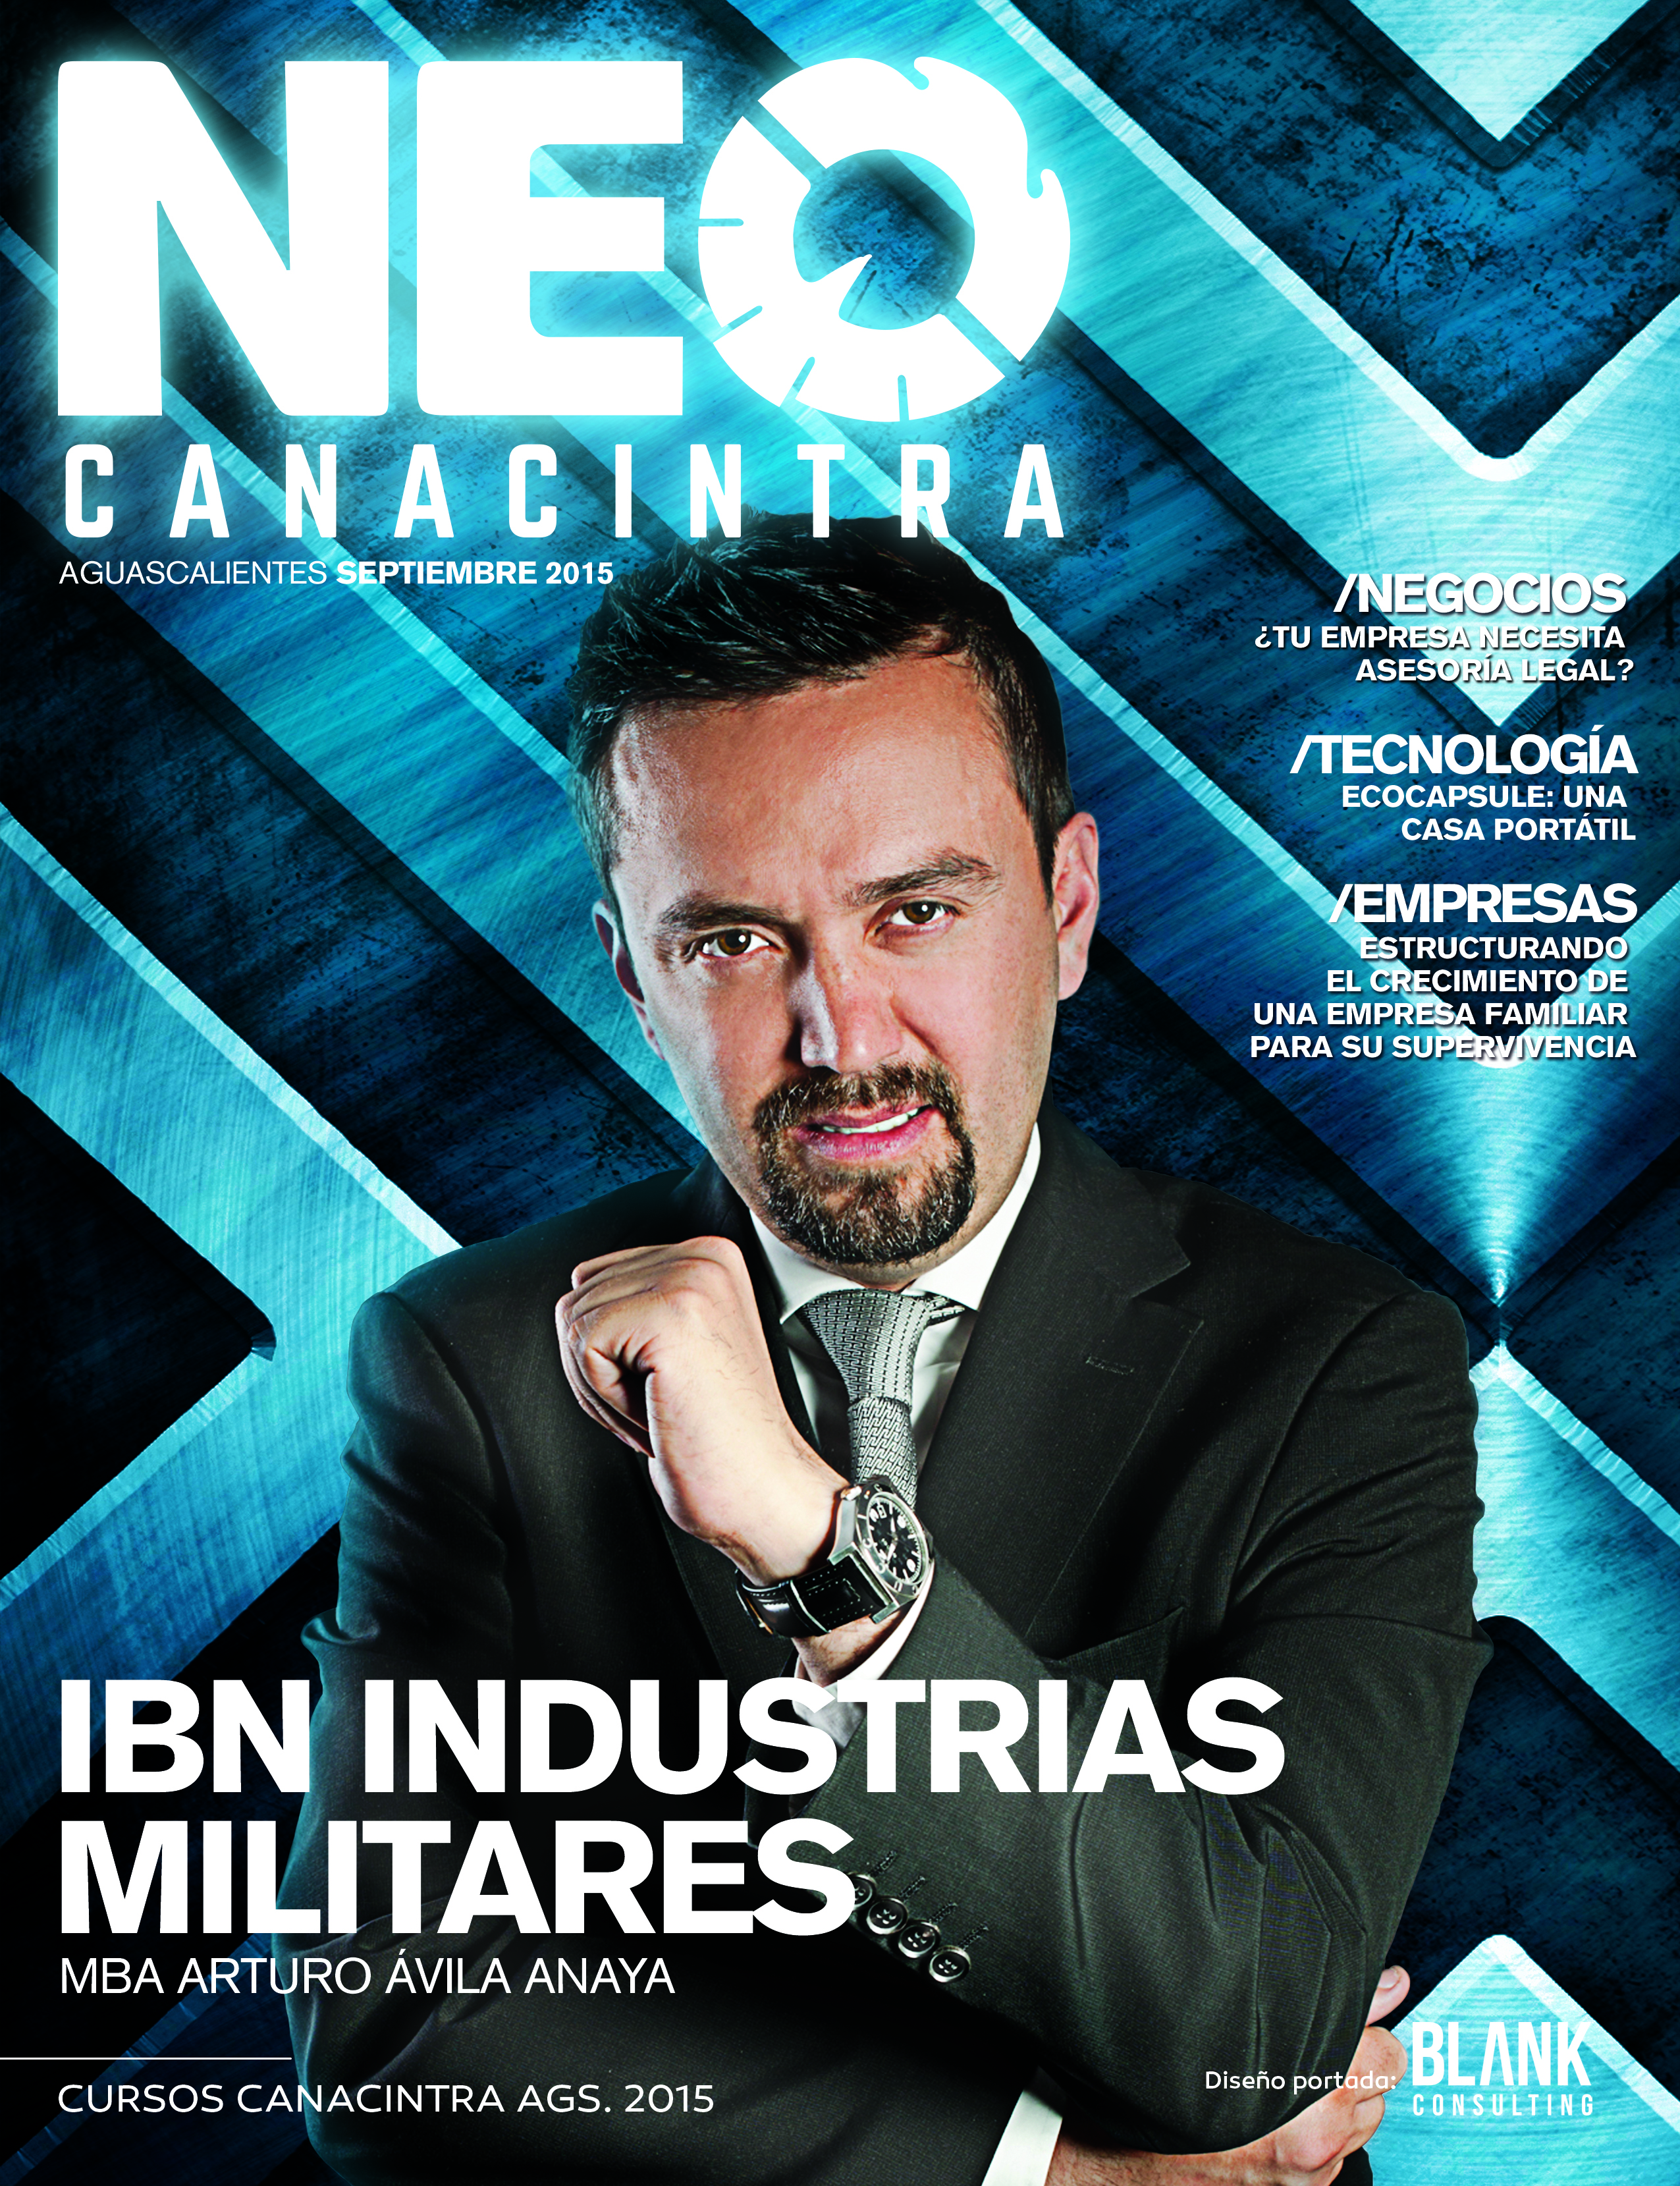 MBA ARTURO ÁVILA ANAYA  REVISTA NEO CANACINTRA 4 DE AGOSTO 2015